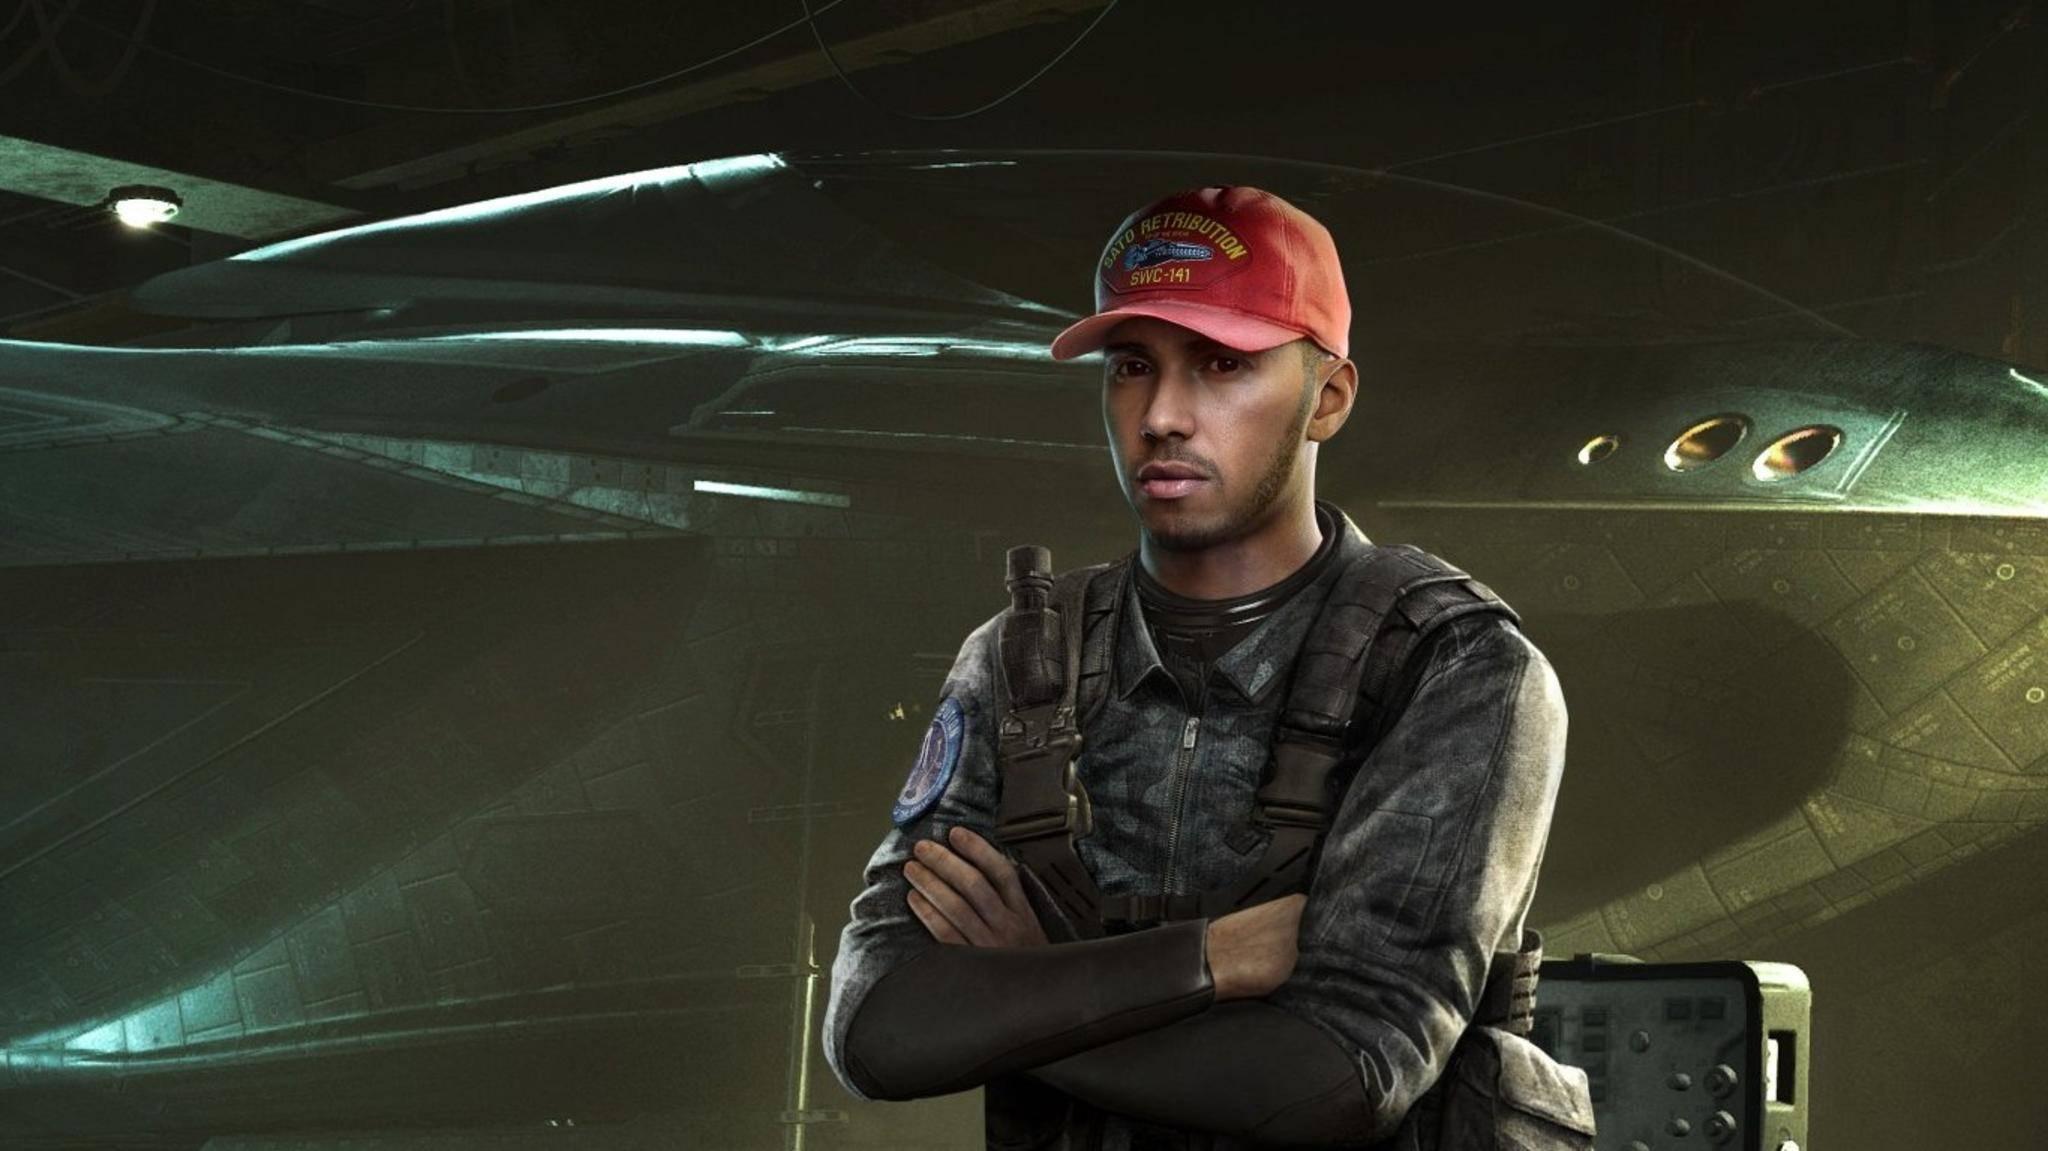 """Der Rennfahrer Lewis Hamilton spielt eine Rolle in """"Call of Duty: Infinite Warfare""""."""